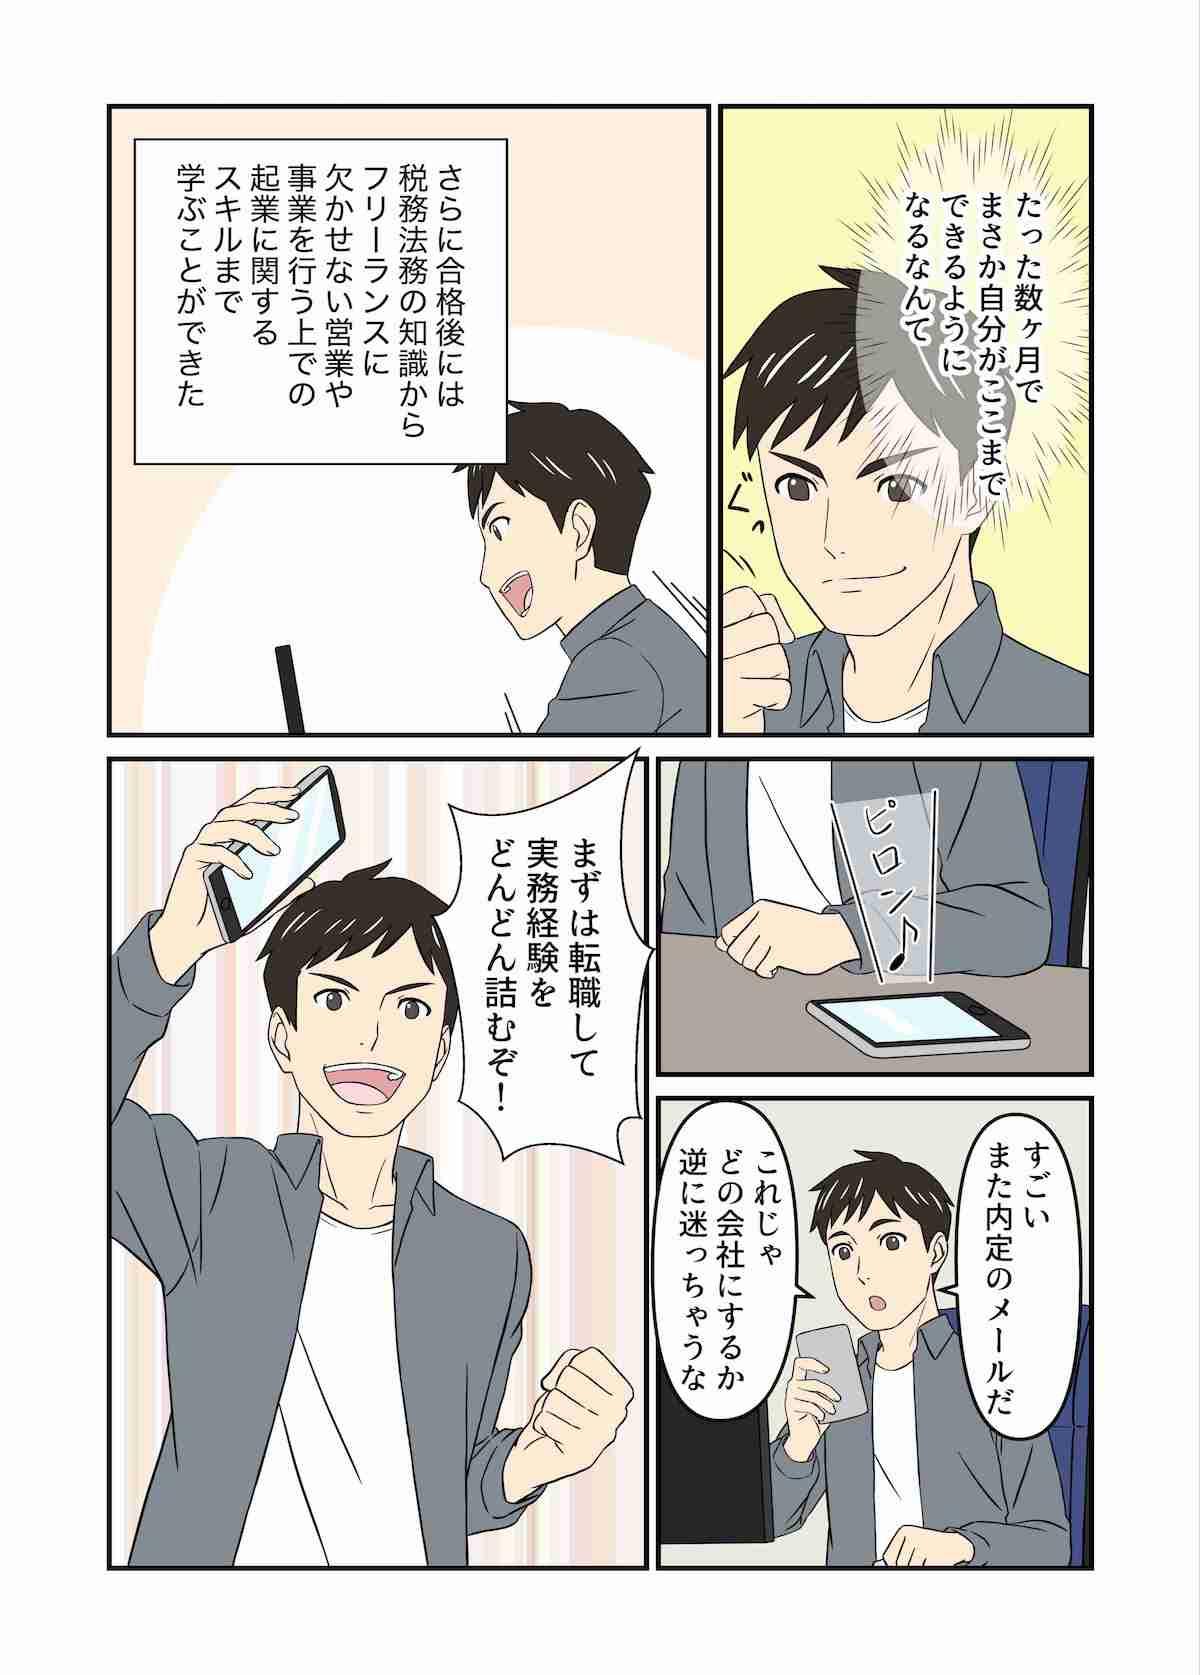 ウェブカツ漫画11ページ目